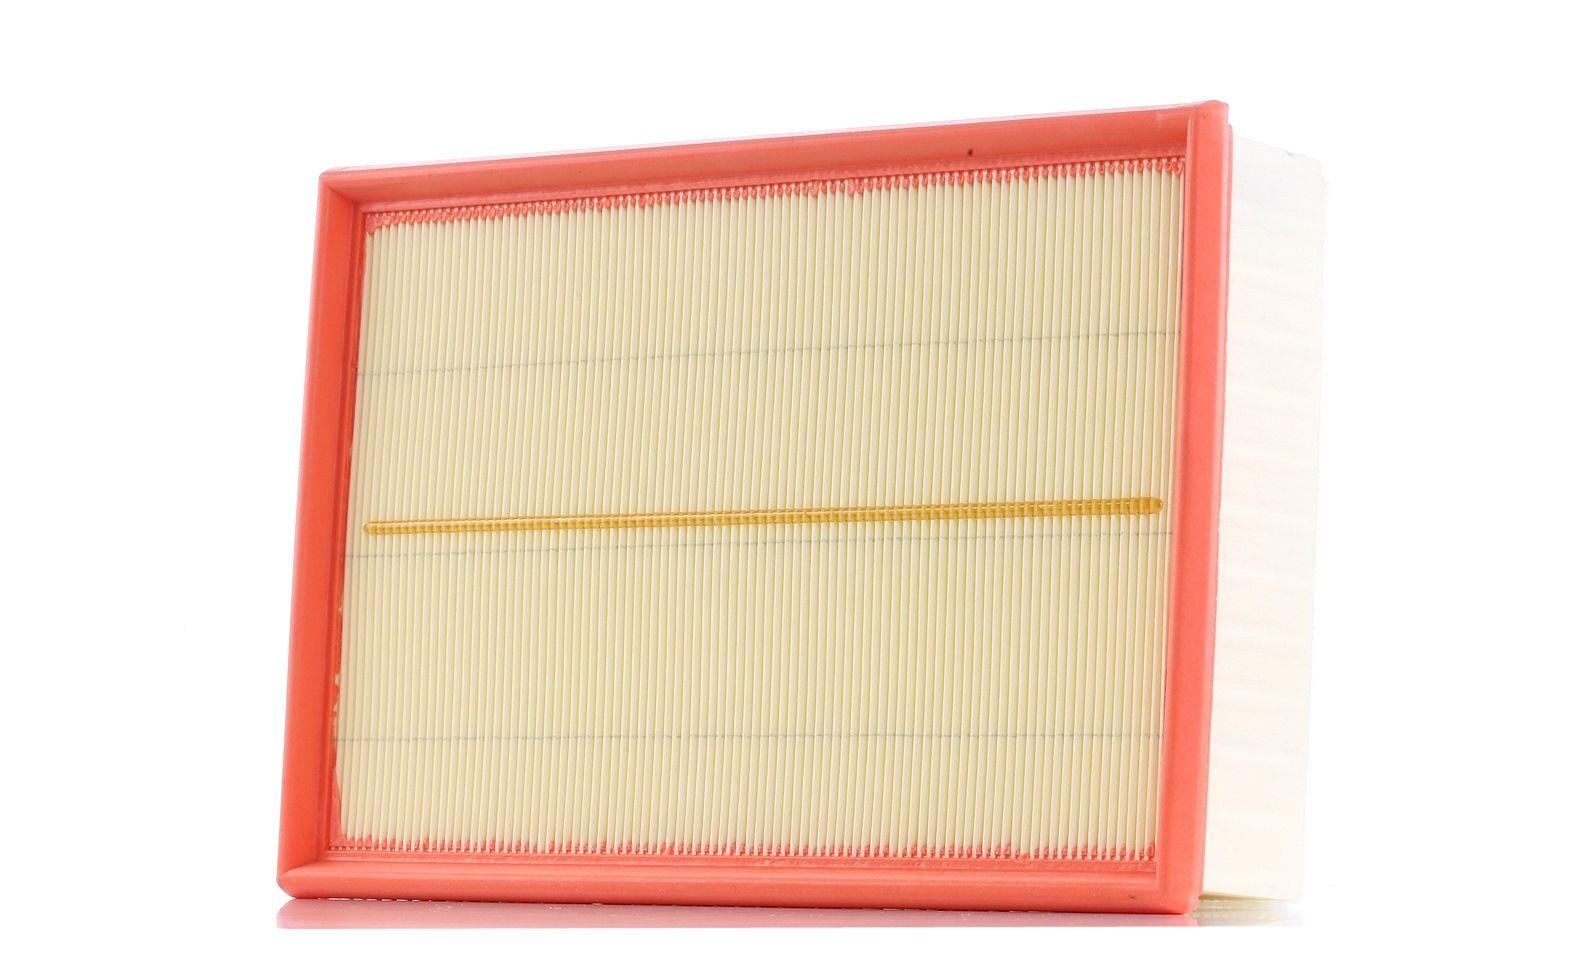 Original Zracni filter 585419 Nissan